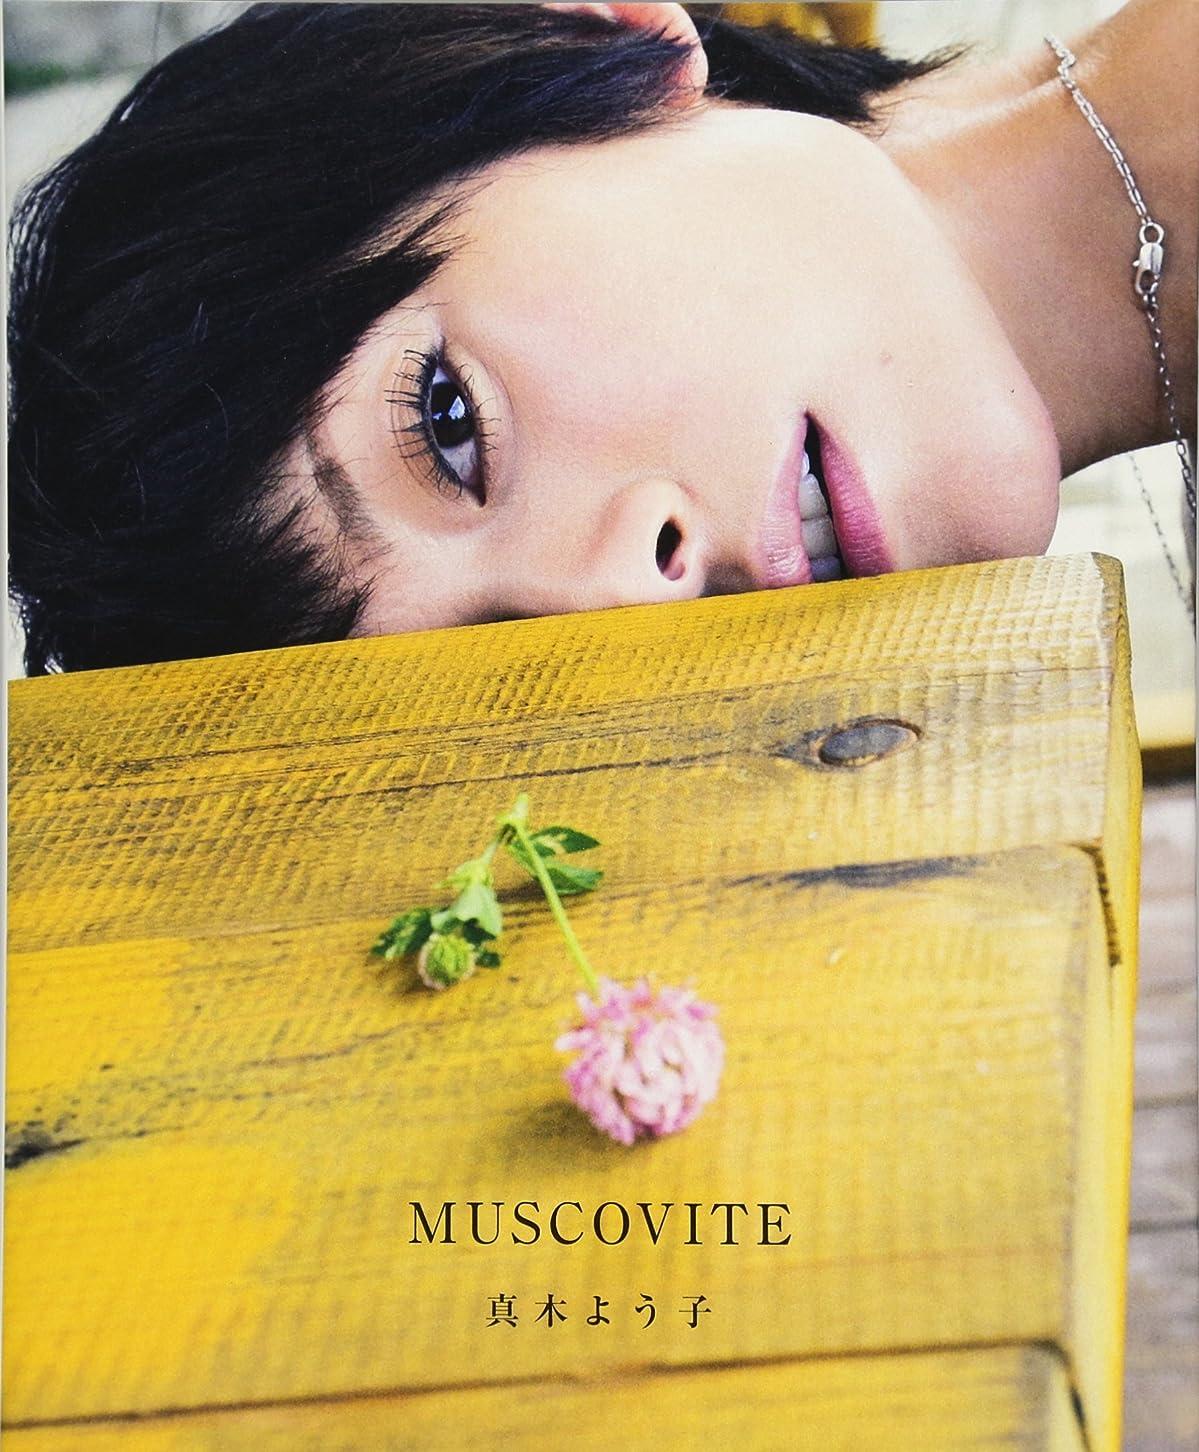 プラスチックカテナ名詞真木よう子写真集 MUSCOVITE(モスコヴァイト)